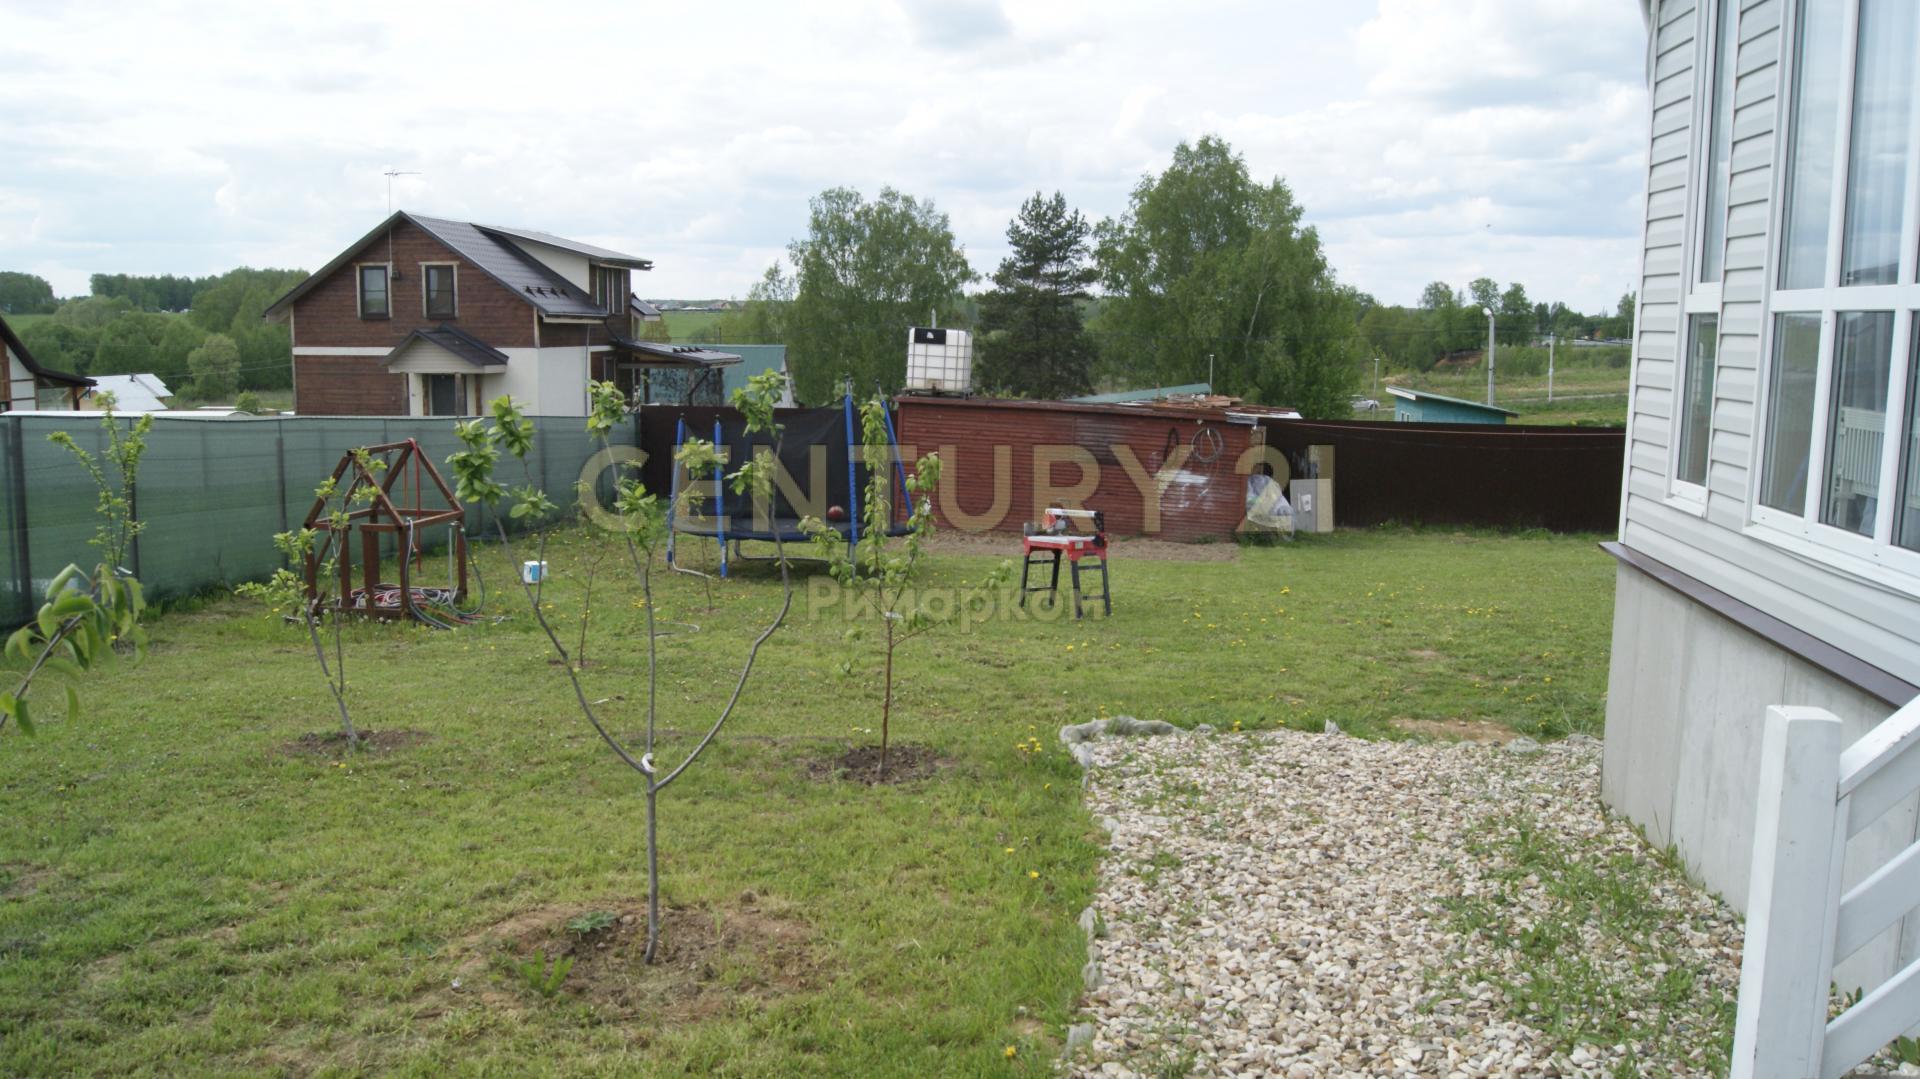 Продам дом по адресу Россия, Москва и Московская область, городской округ Чехов, Масново-жуково фото 5 по выгодной цене